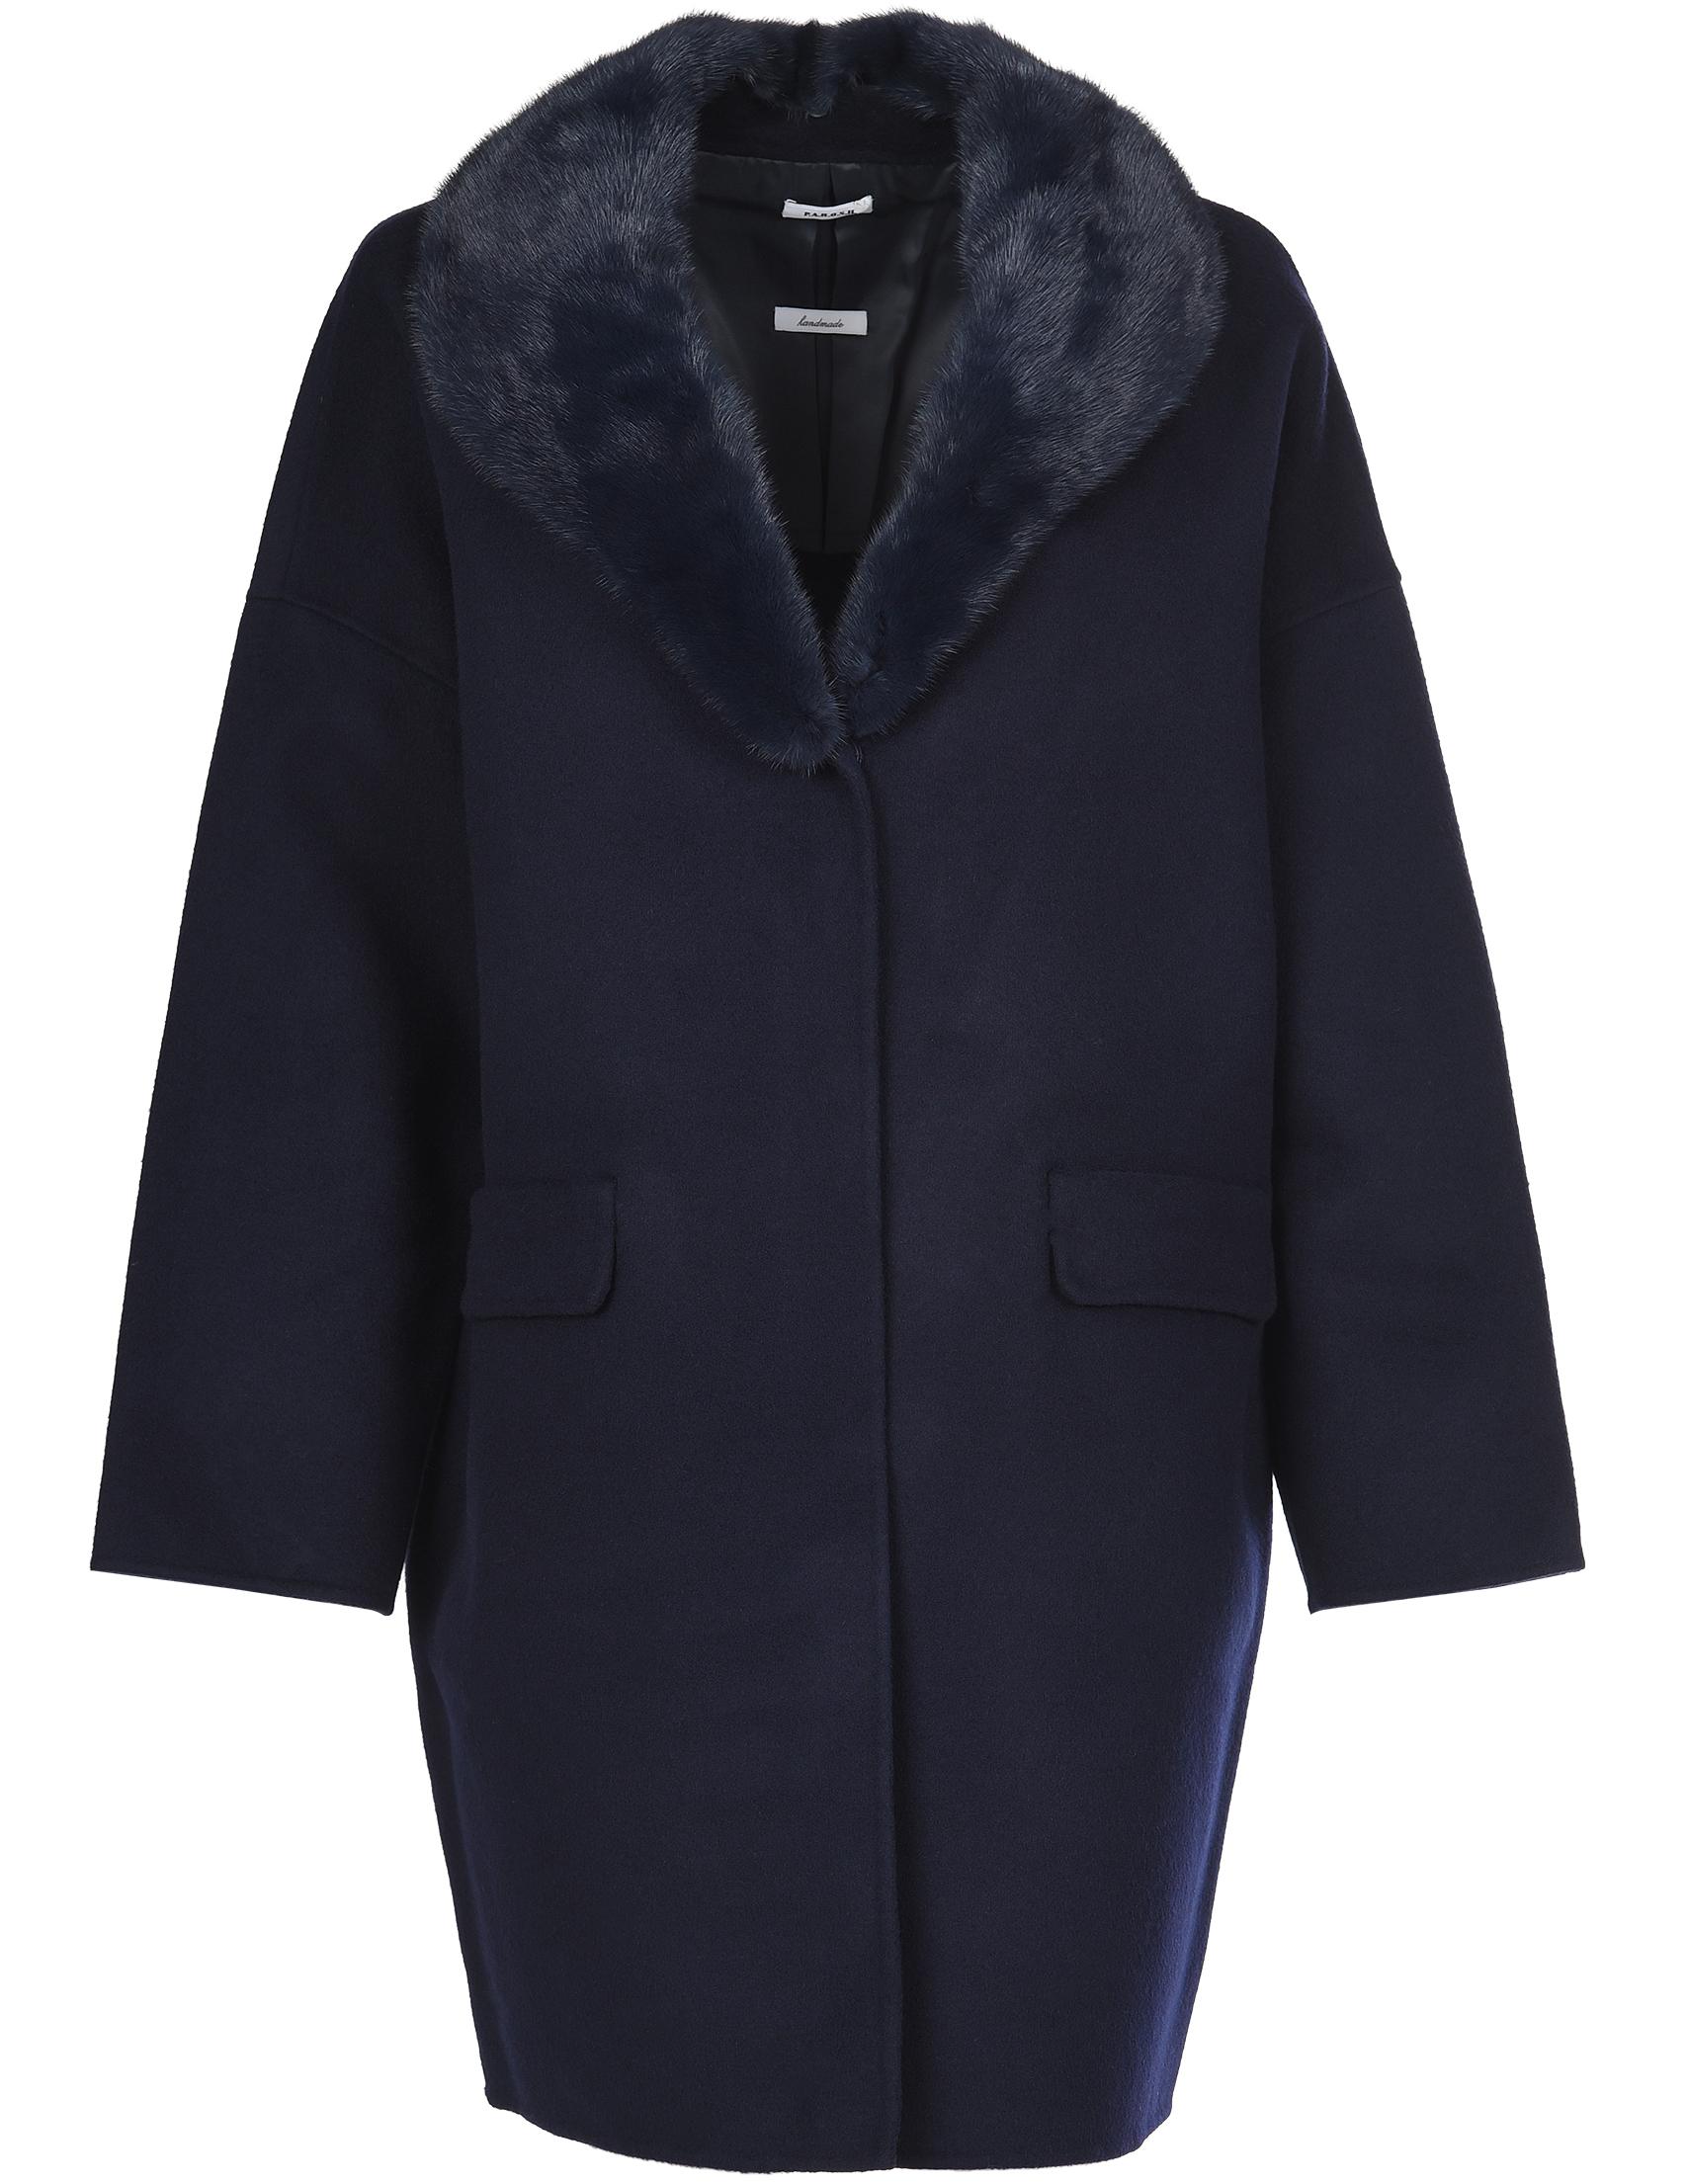 Купить Пальто, P.A.R.O.S.H., Синий, 100%Шерсть;100%Полиэстер;100%Норка, Осень-Зима